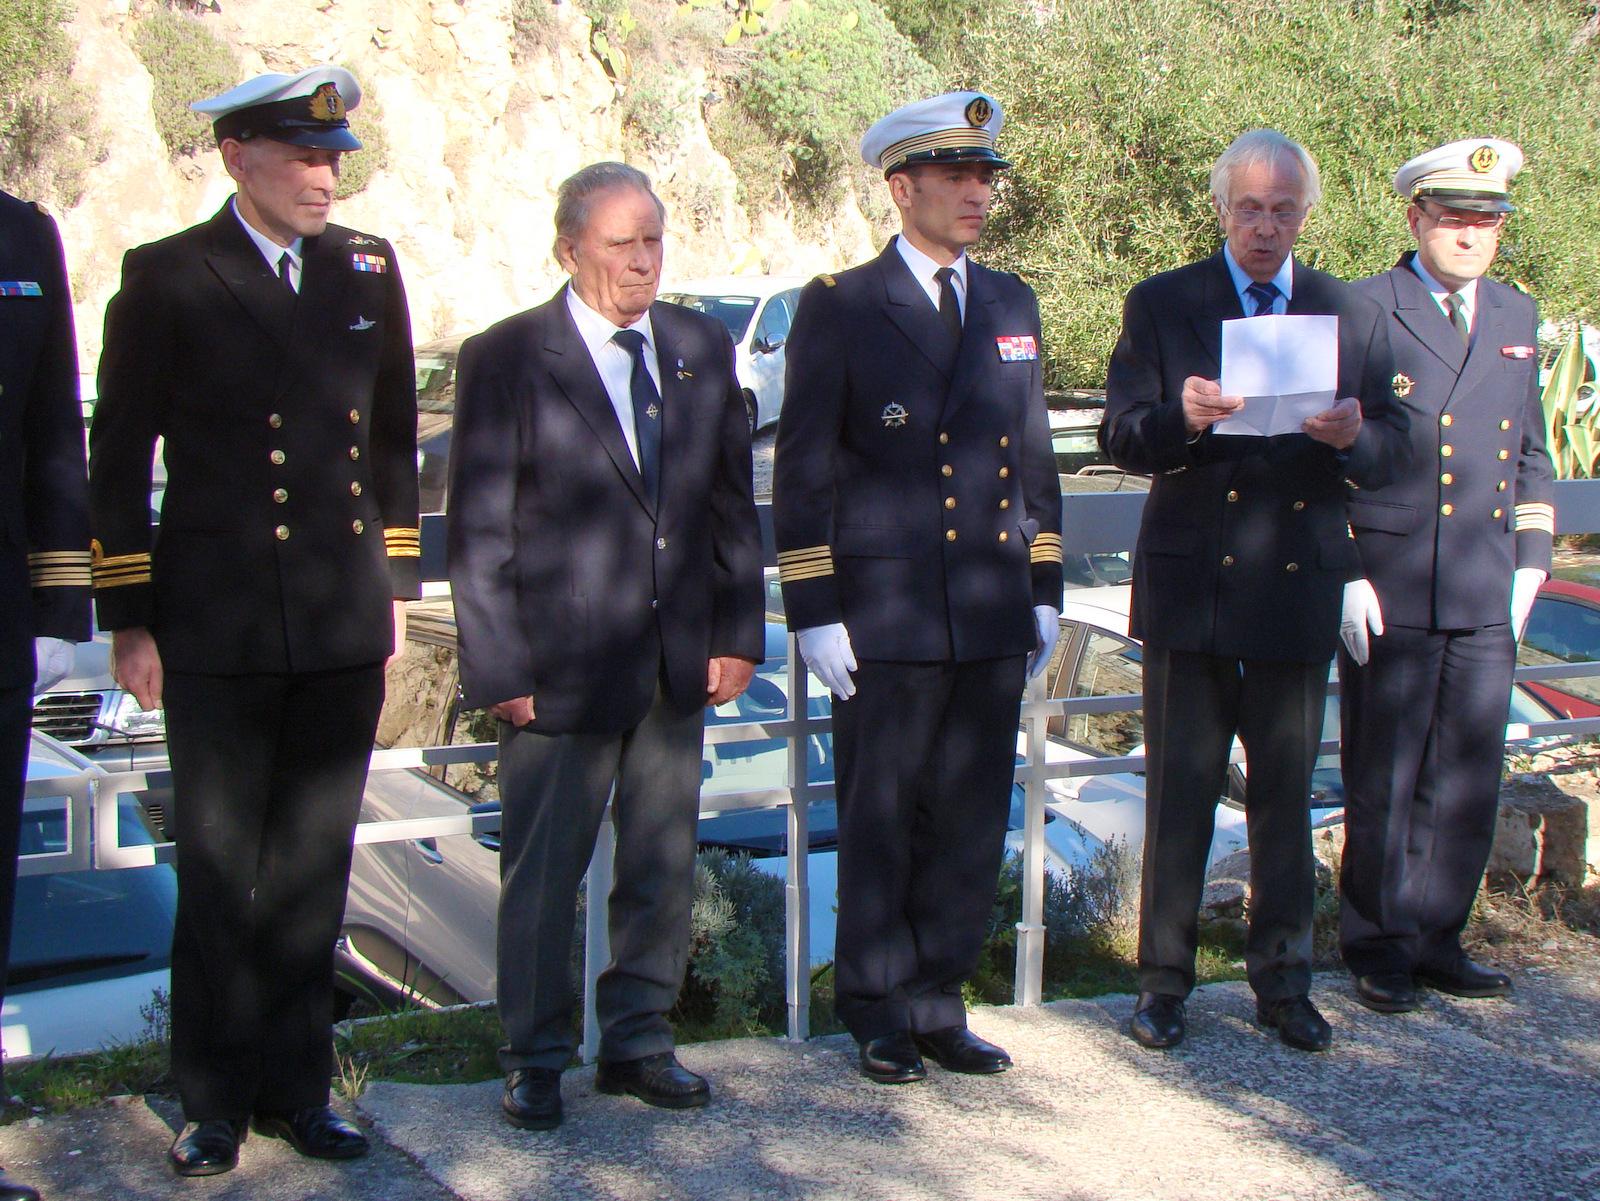 [ Associations anciens Marins ] A.G.A.S.M. Nice Côte d'Azur sect. SM Pégase - Page 6 559213DSC04706